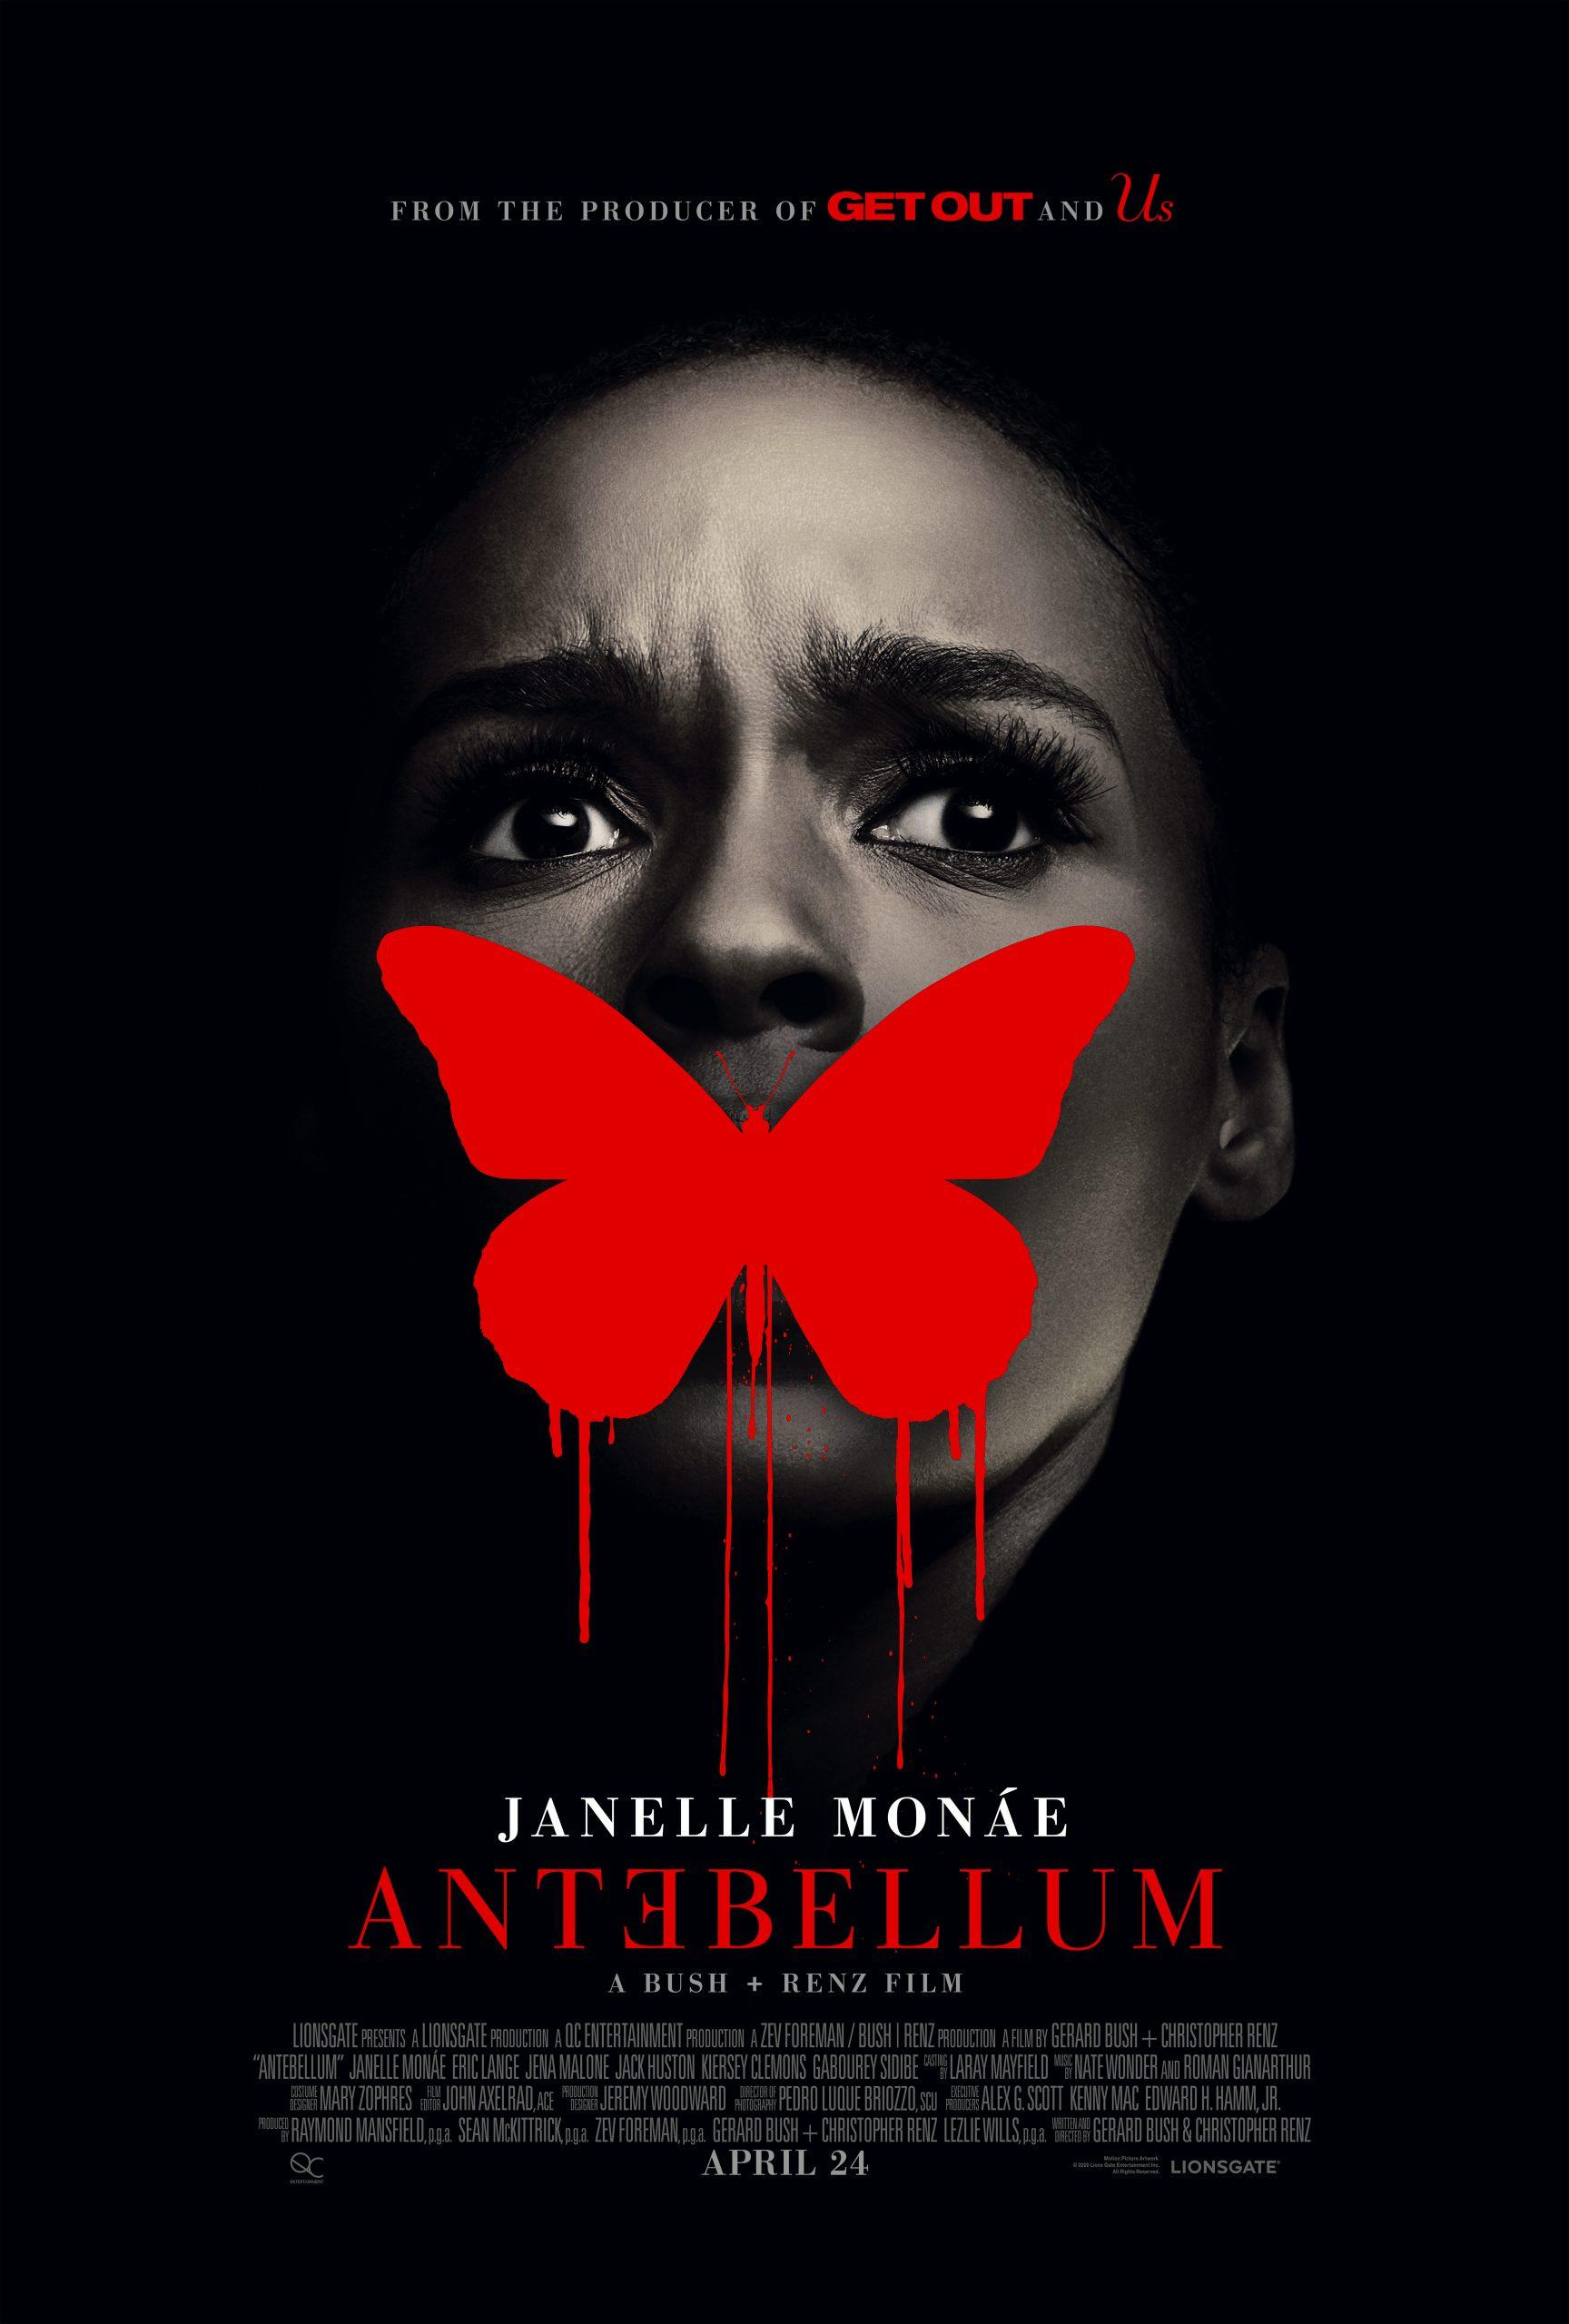 New Movie: Antebellum Starring Janelle Monae